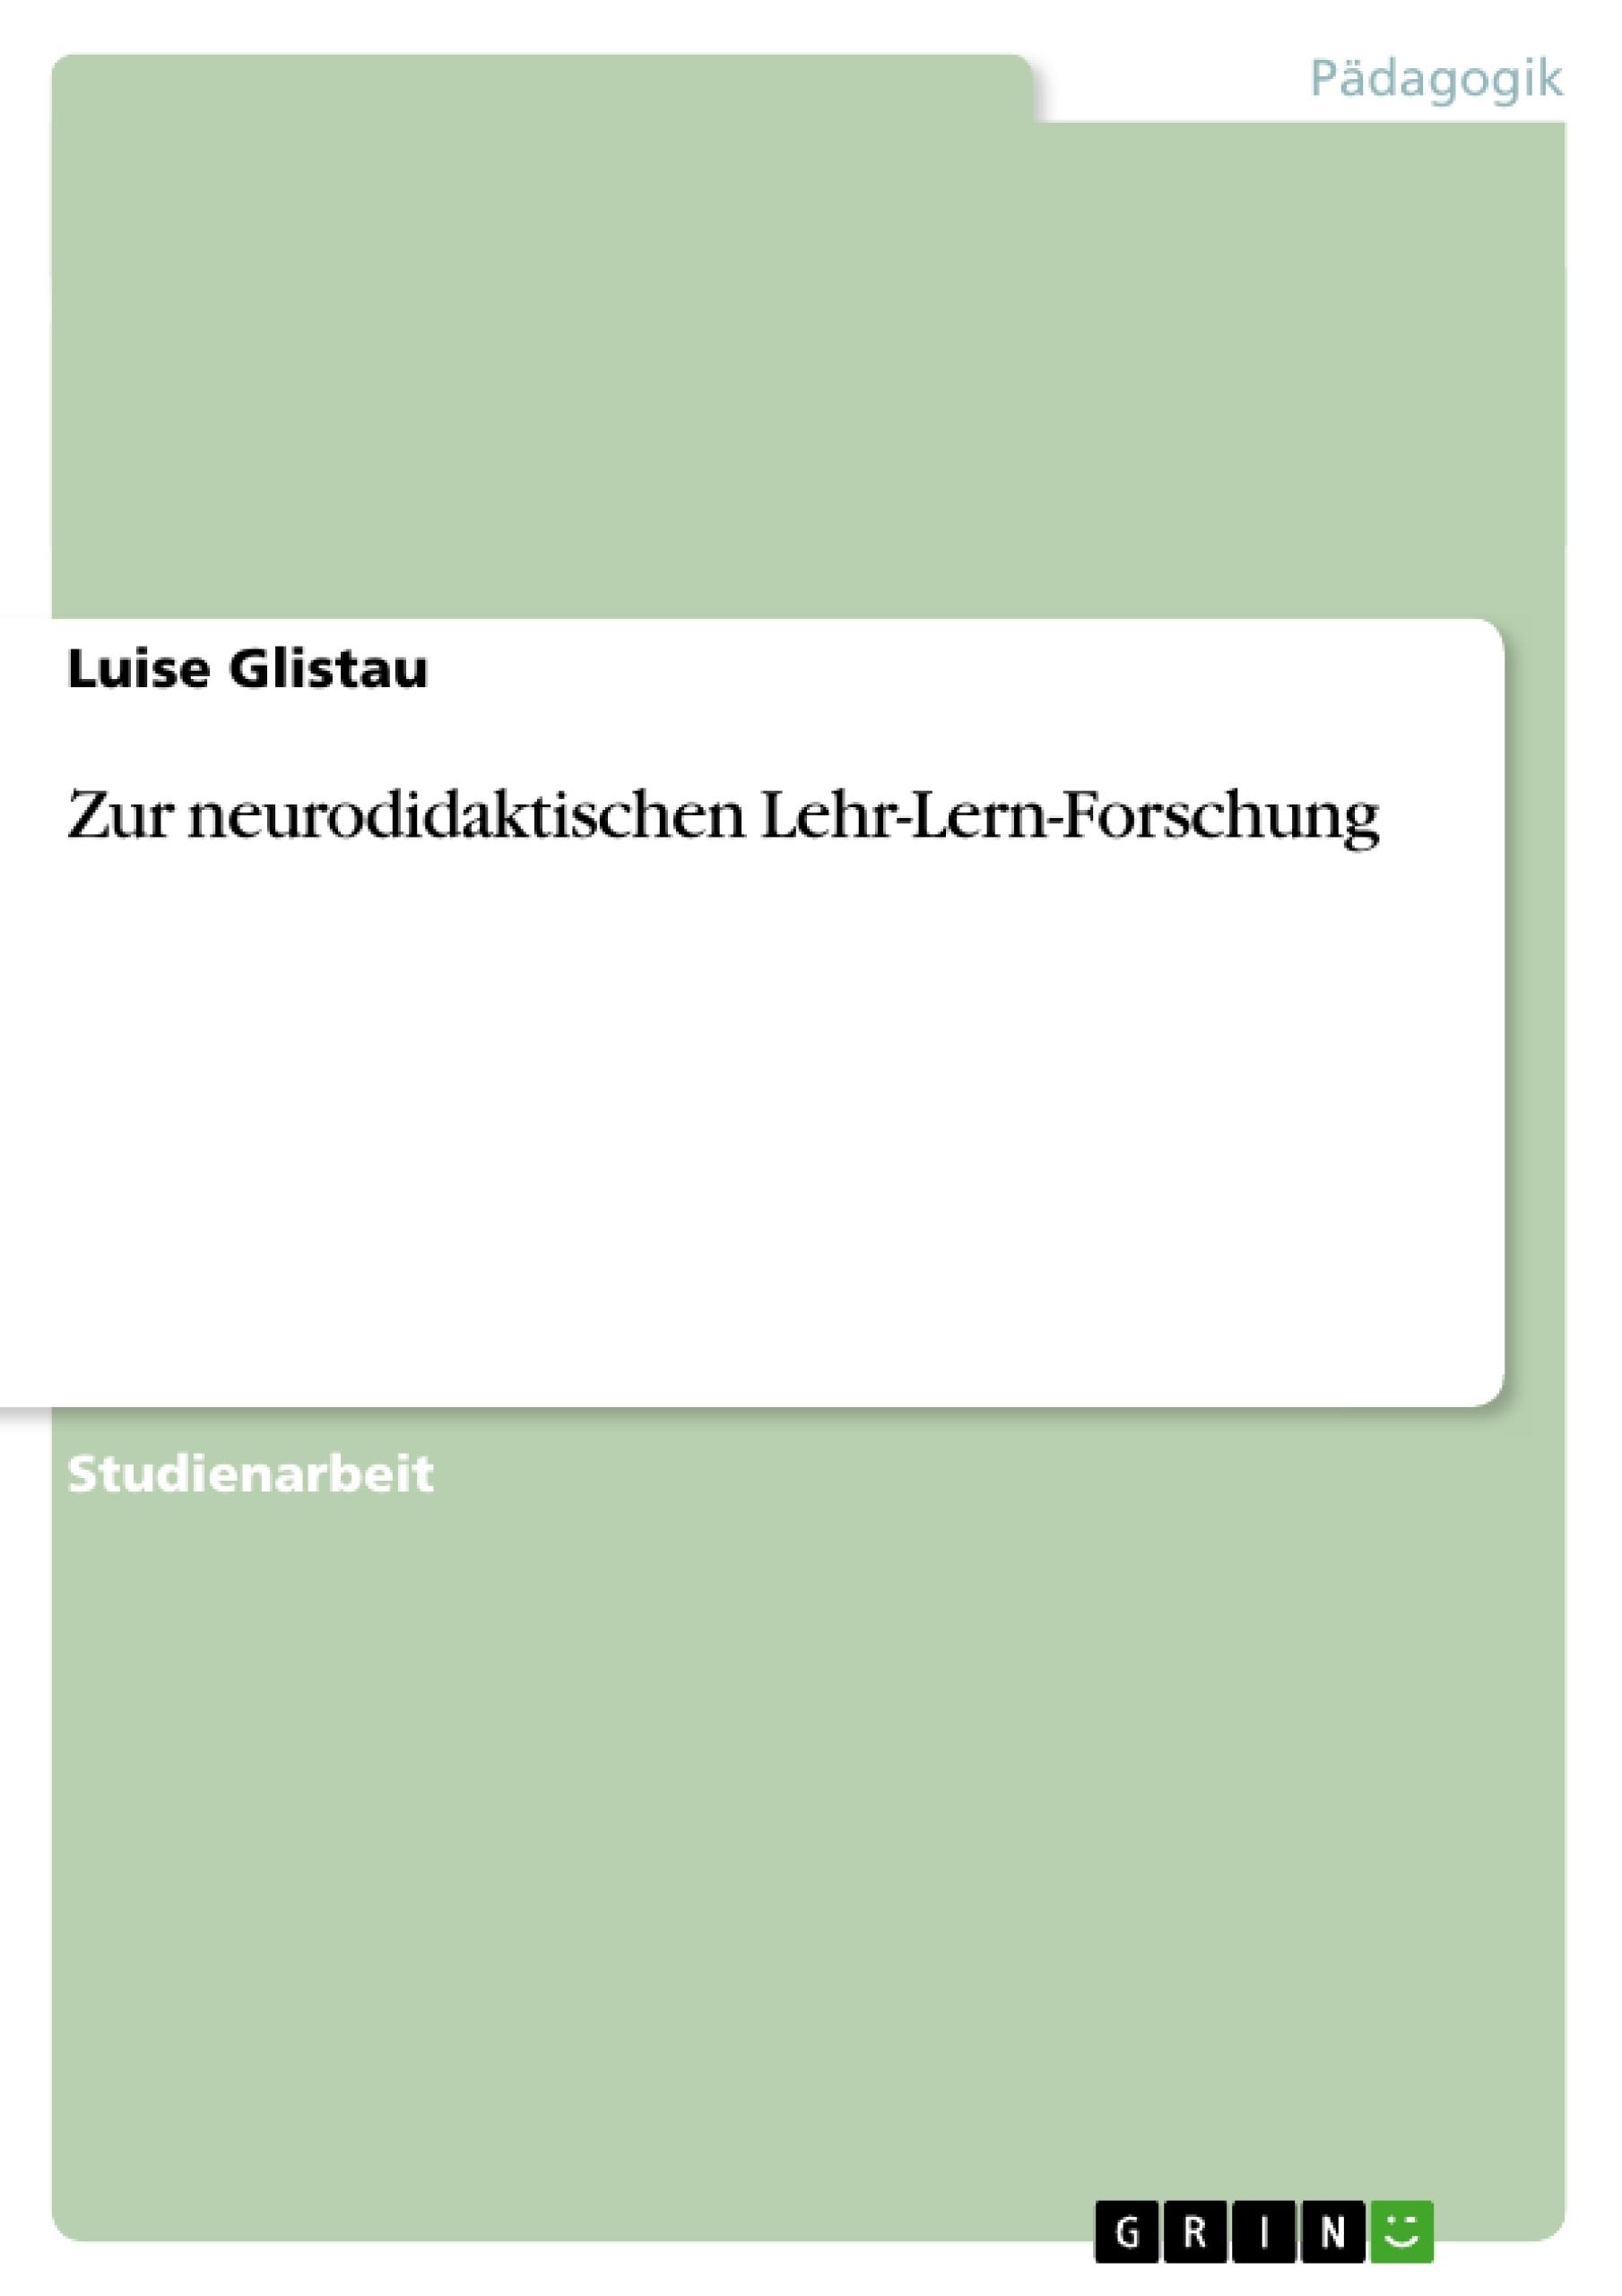 Titel: Zur neurodidaktischen Lehr-Lern-Forschung